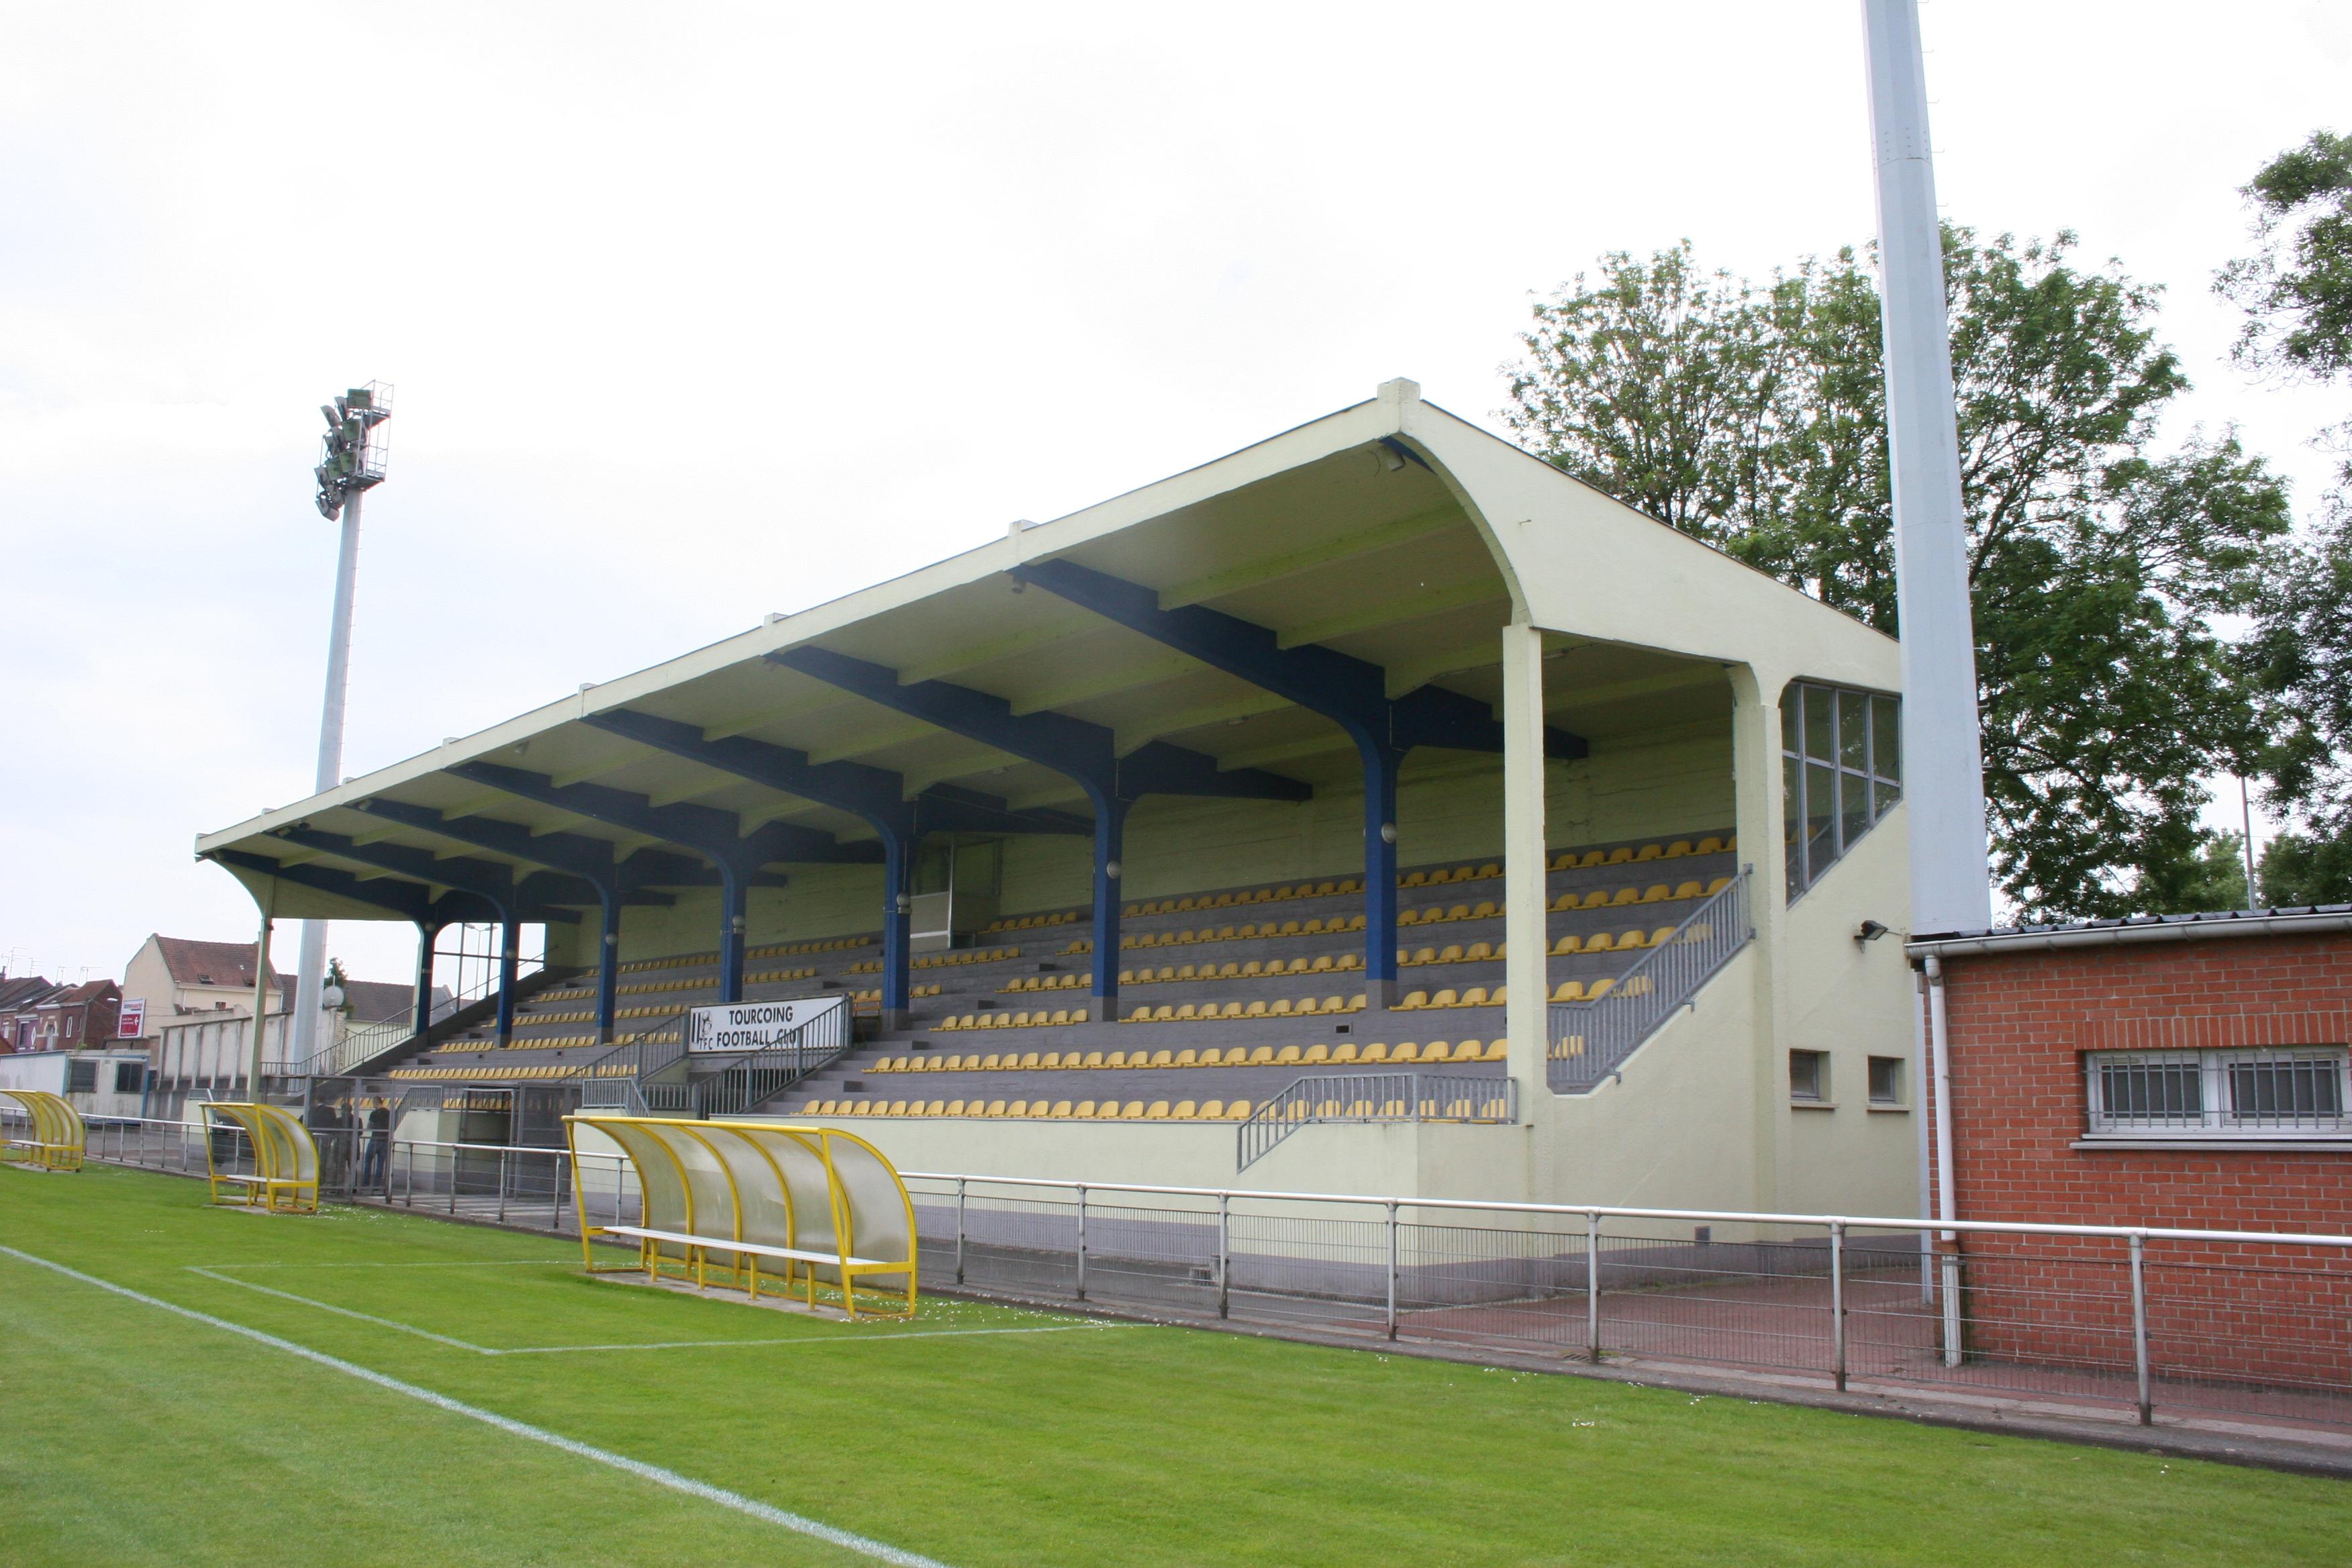 Stade Van de Veegaete | The Itinerant Football Watcher